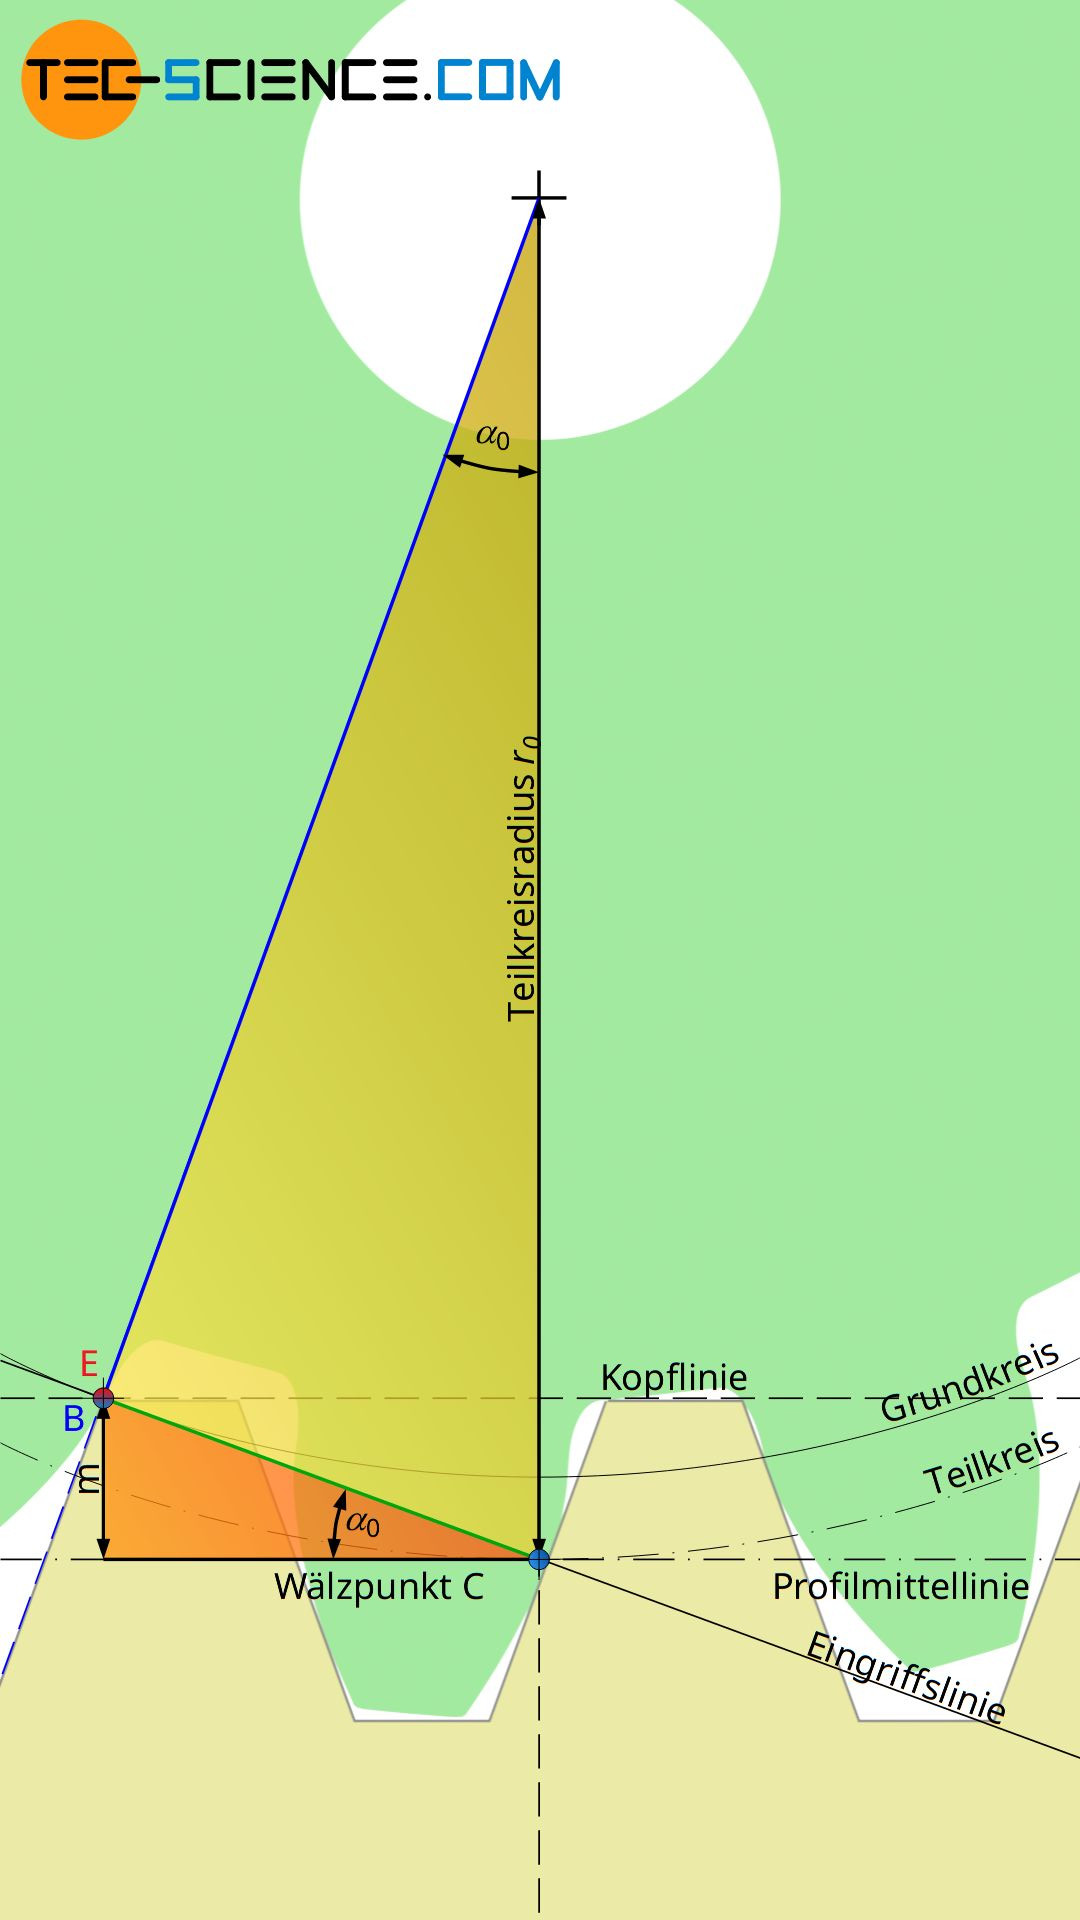 Berechnung der Mindestzähnezahl zur Vermeidung eines Unterschnitts (Grenzzähnezahl)